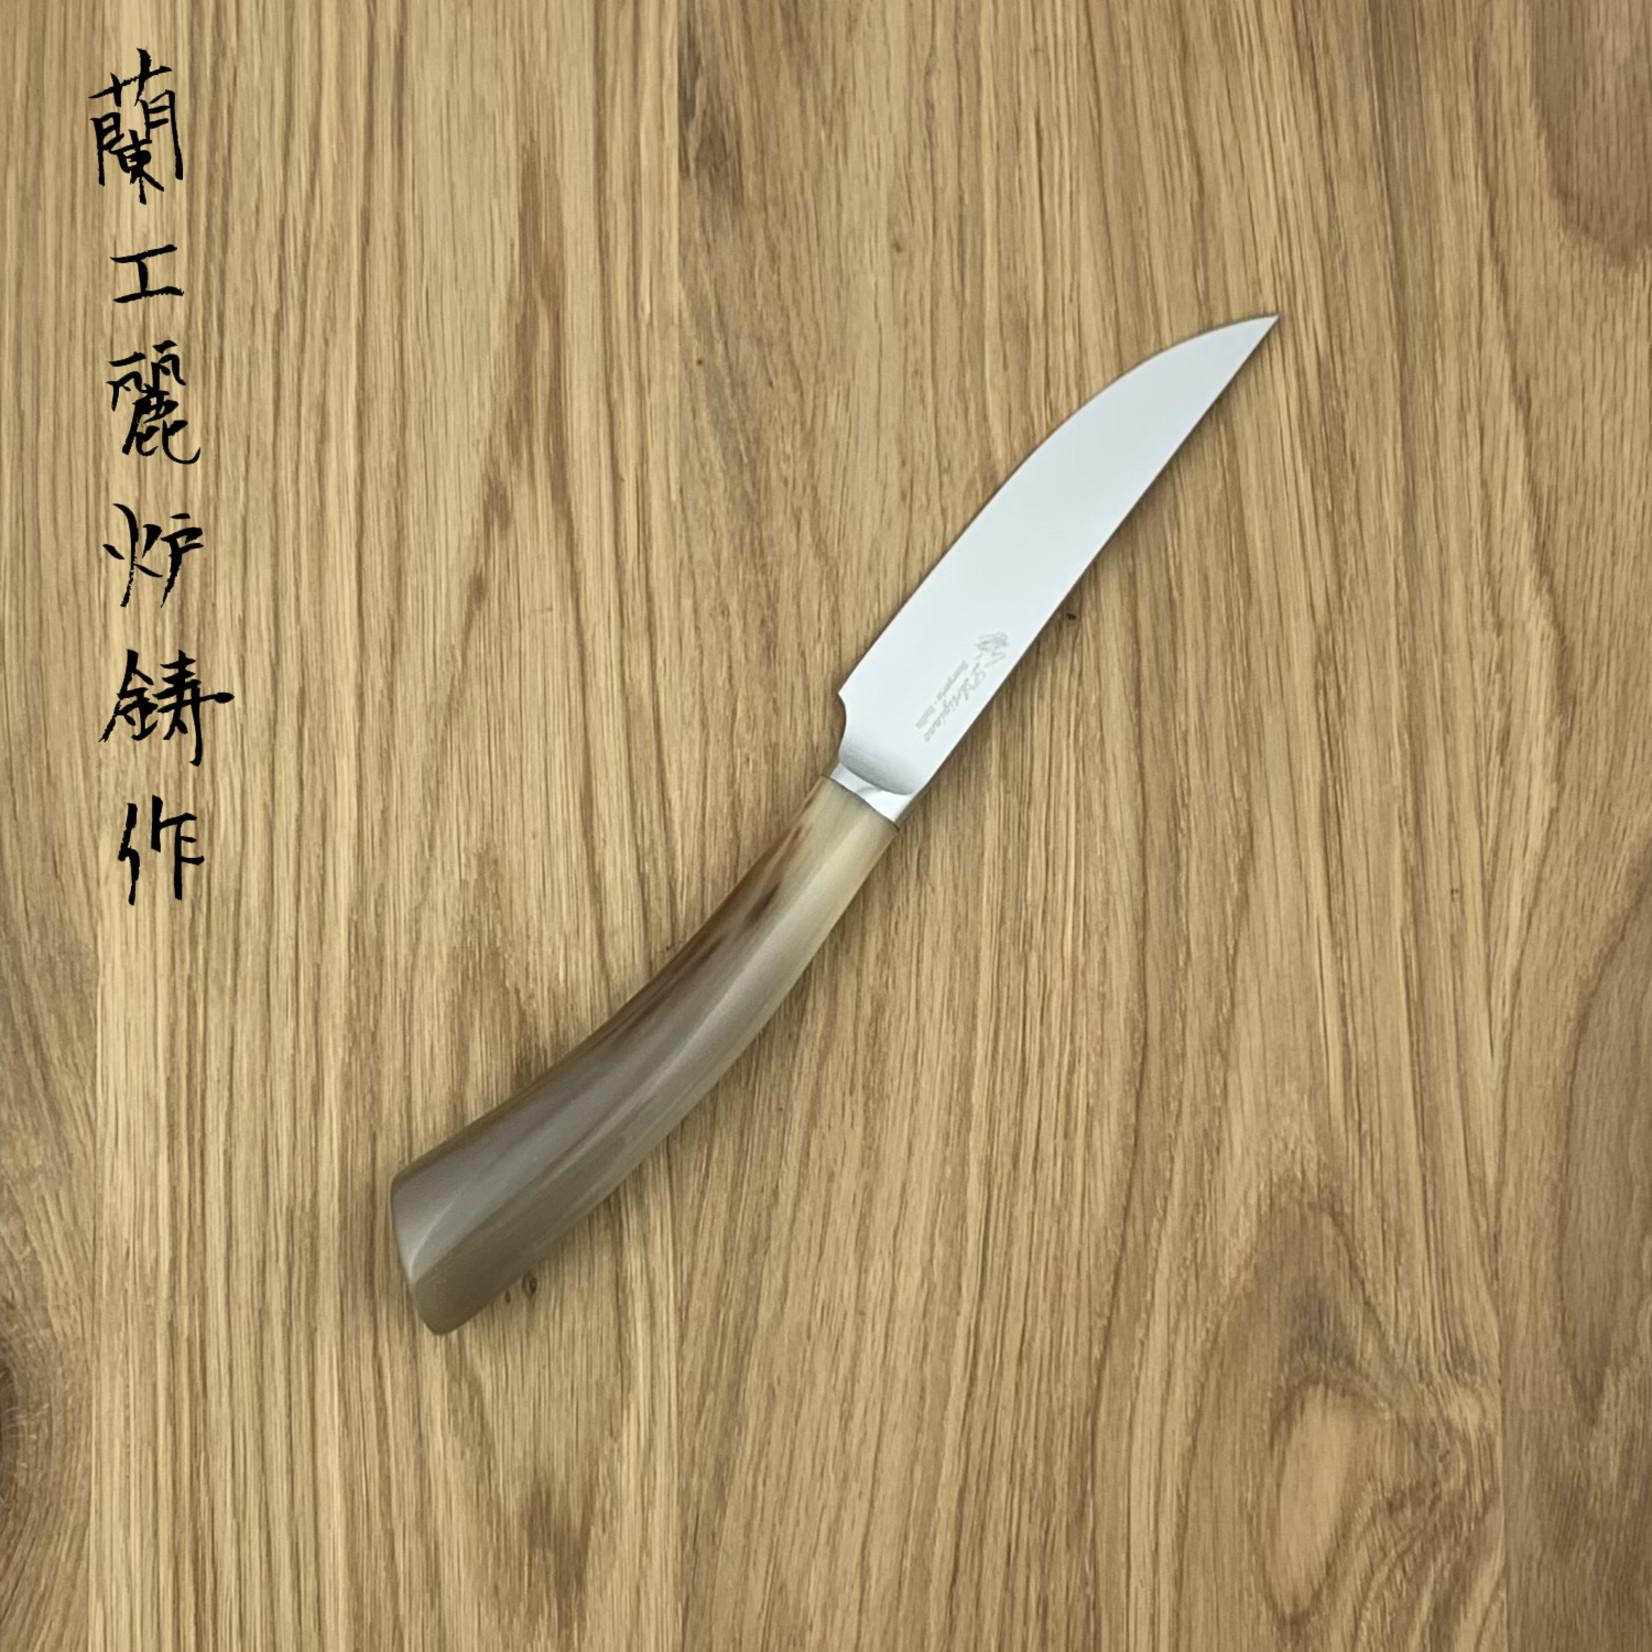 L'ARTIGIANO SCARPERIA Rustico steak knife horn